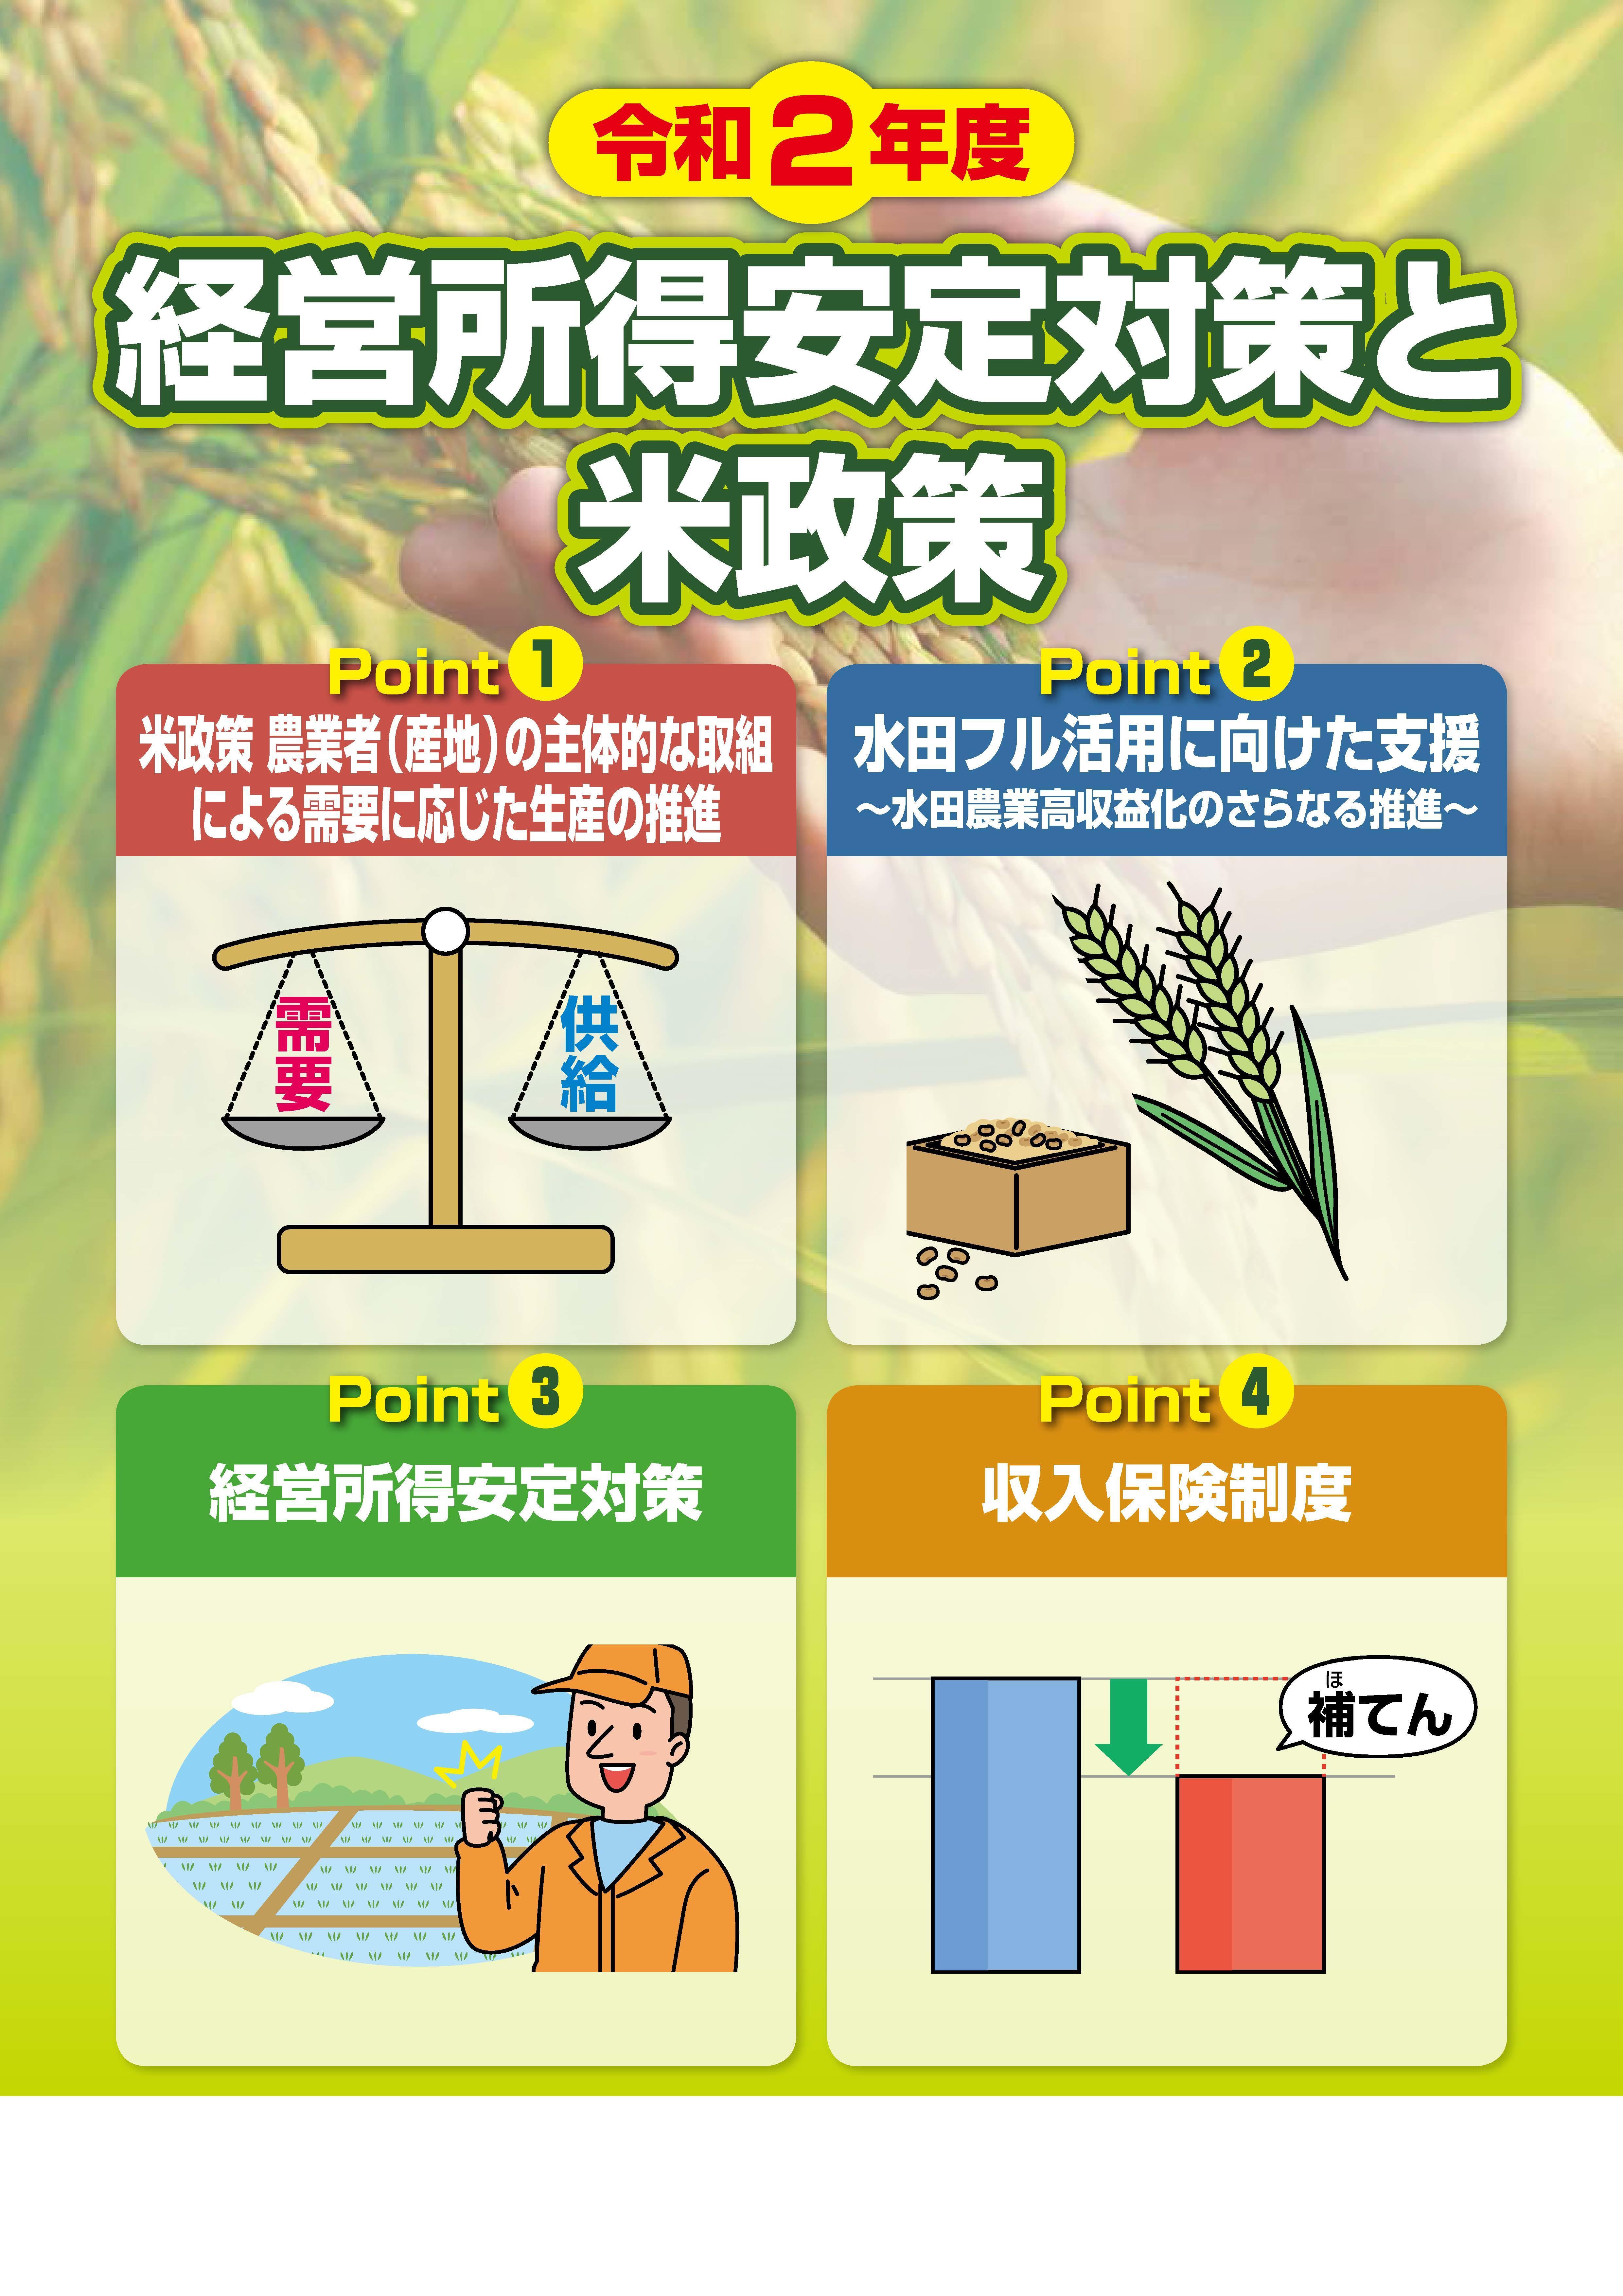 31-39 米政策.jpg